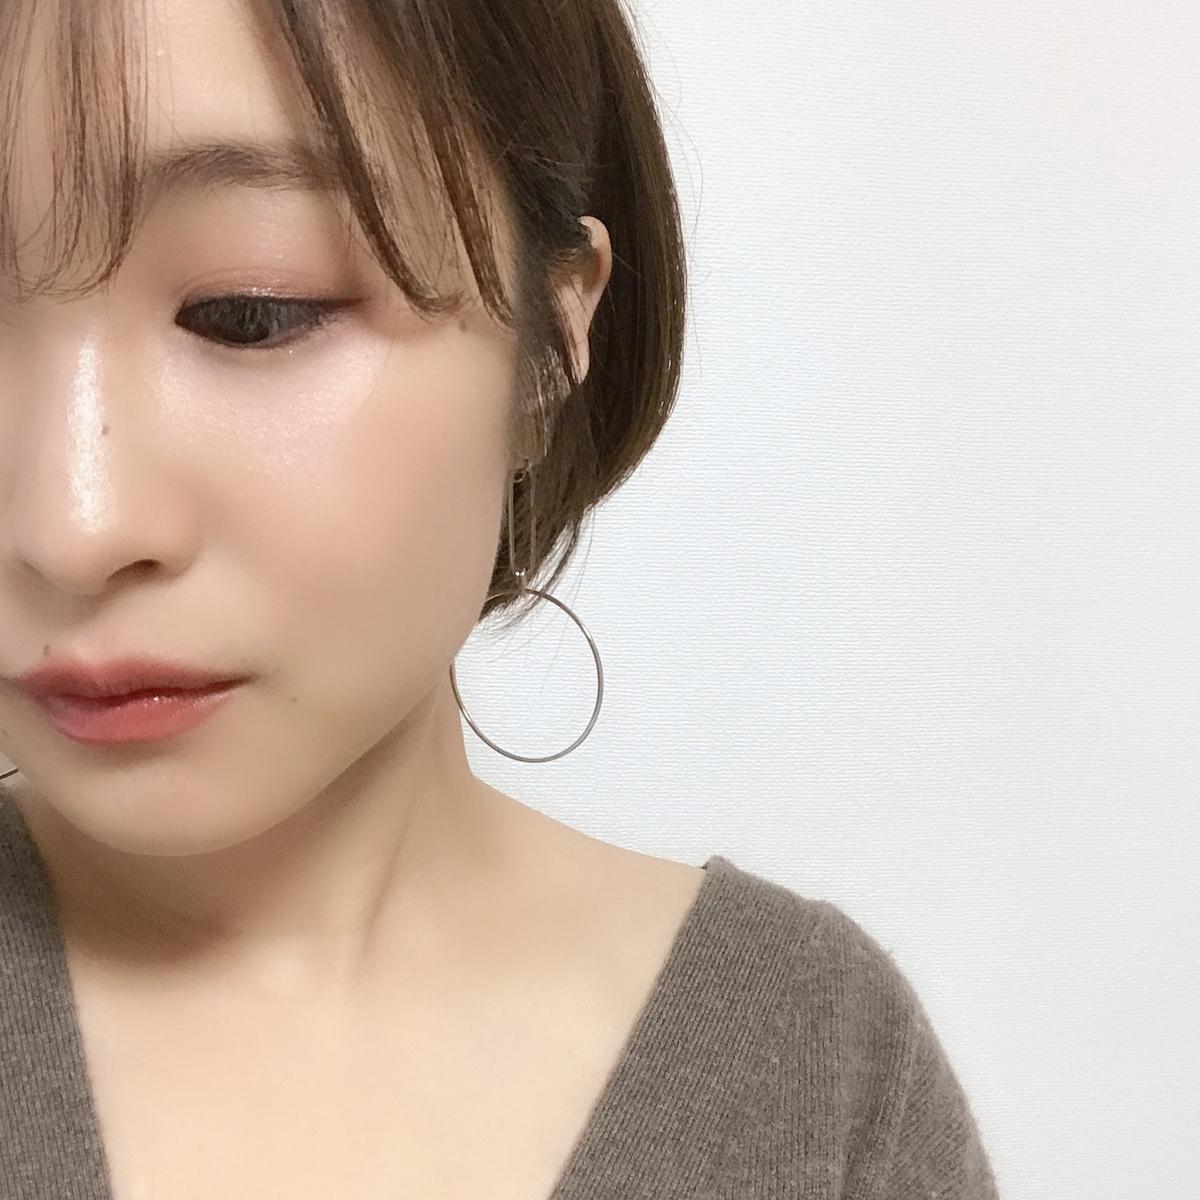 f:id:y-yu1221:20191014144850j:plain